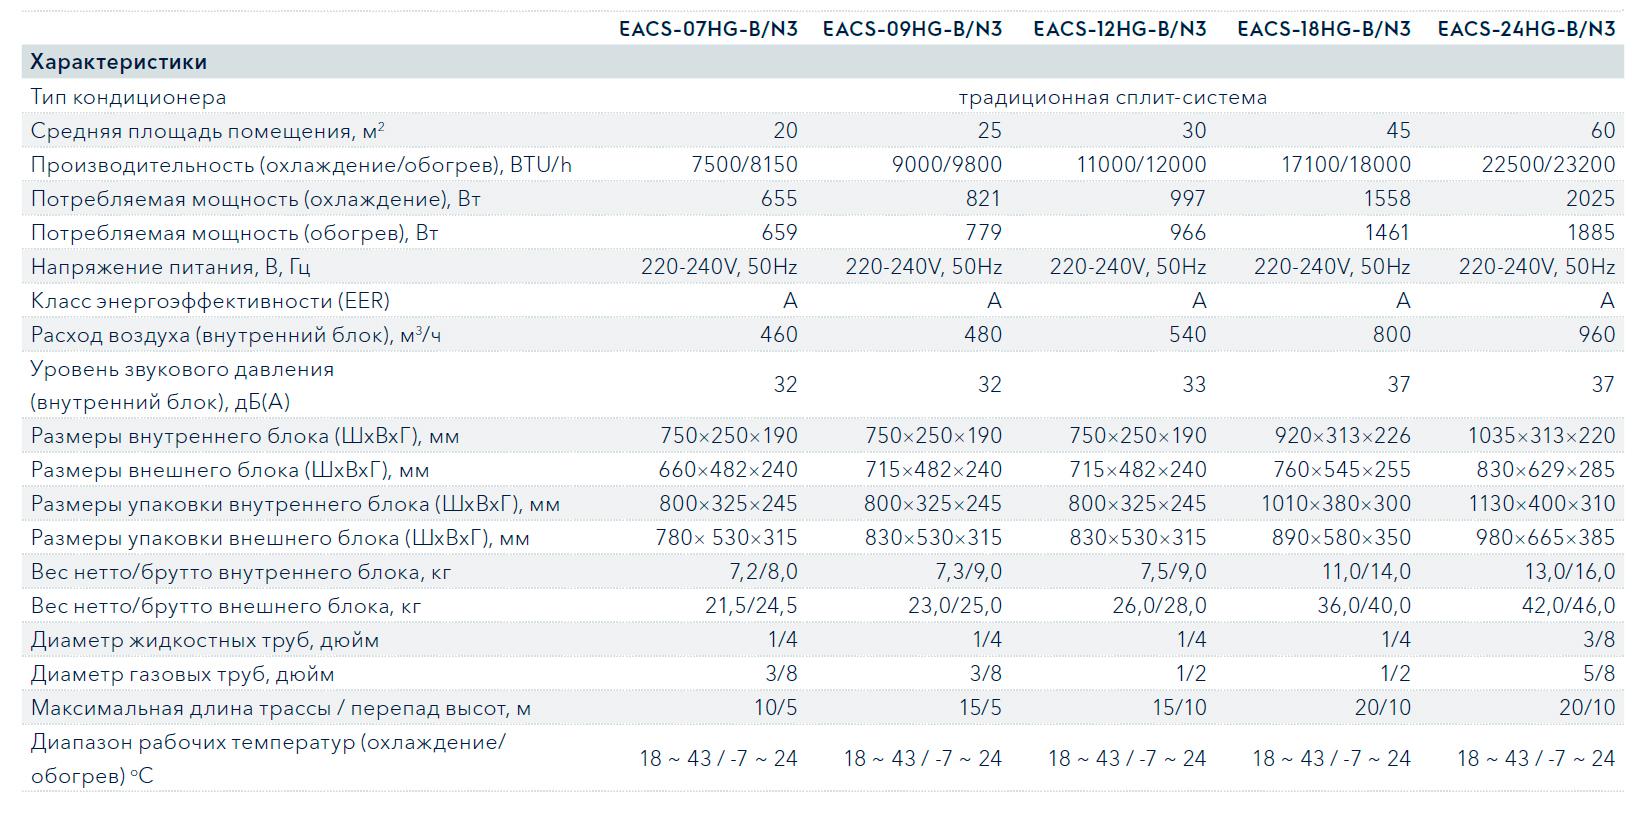 Технические характеристики кондиционера Electrolux EACS-07HG-B/N3 серии Air Gate